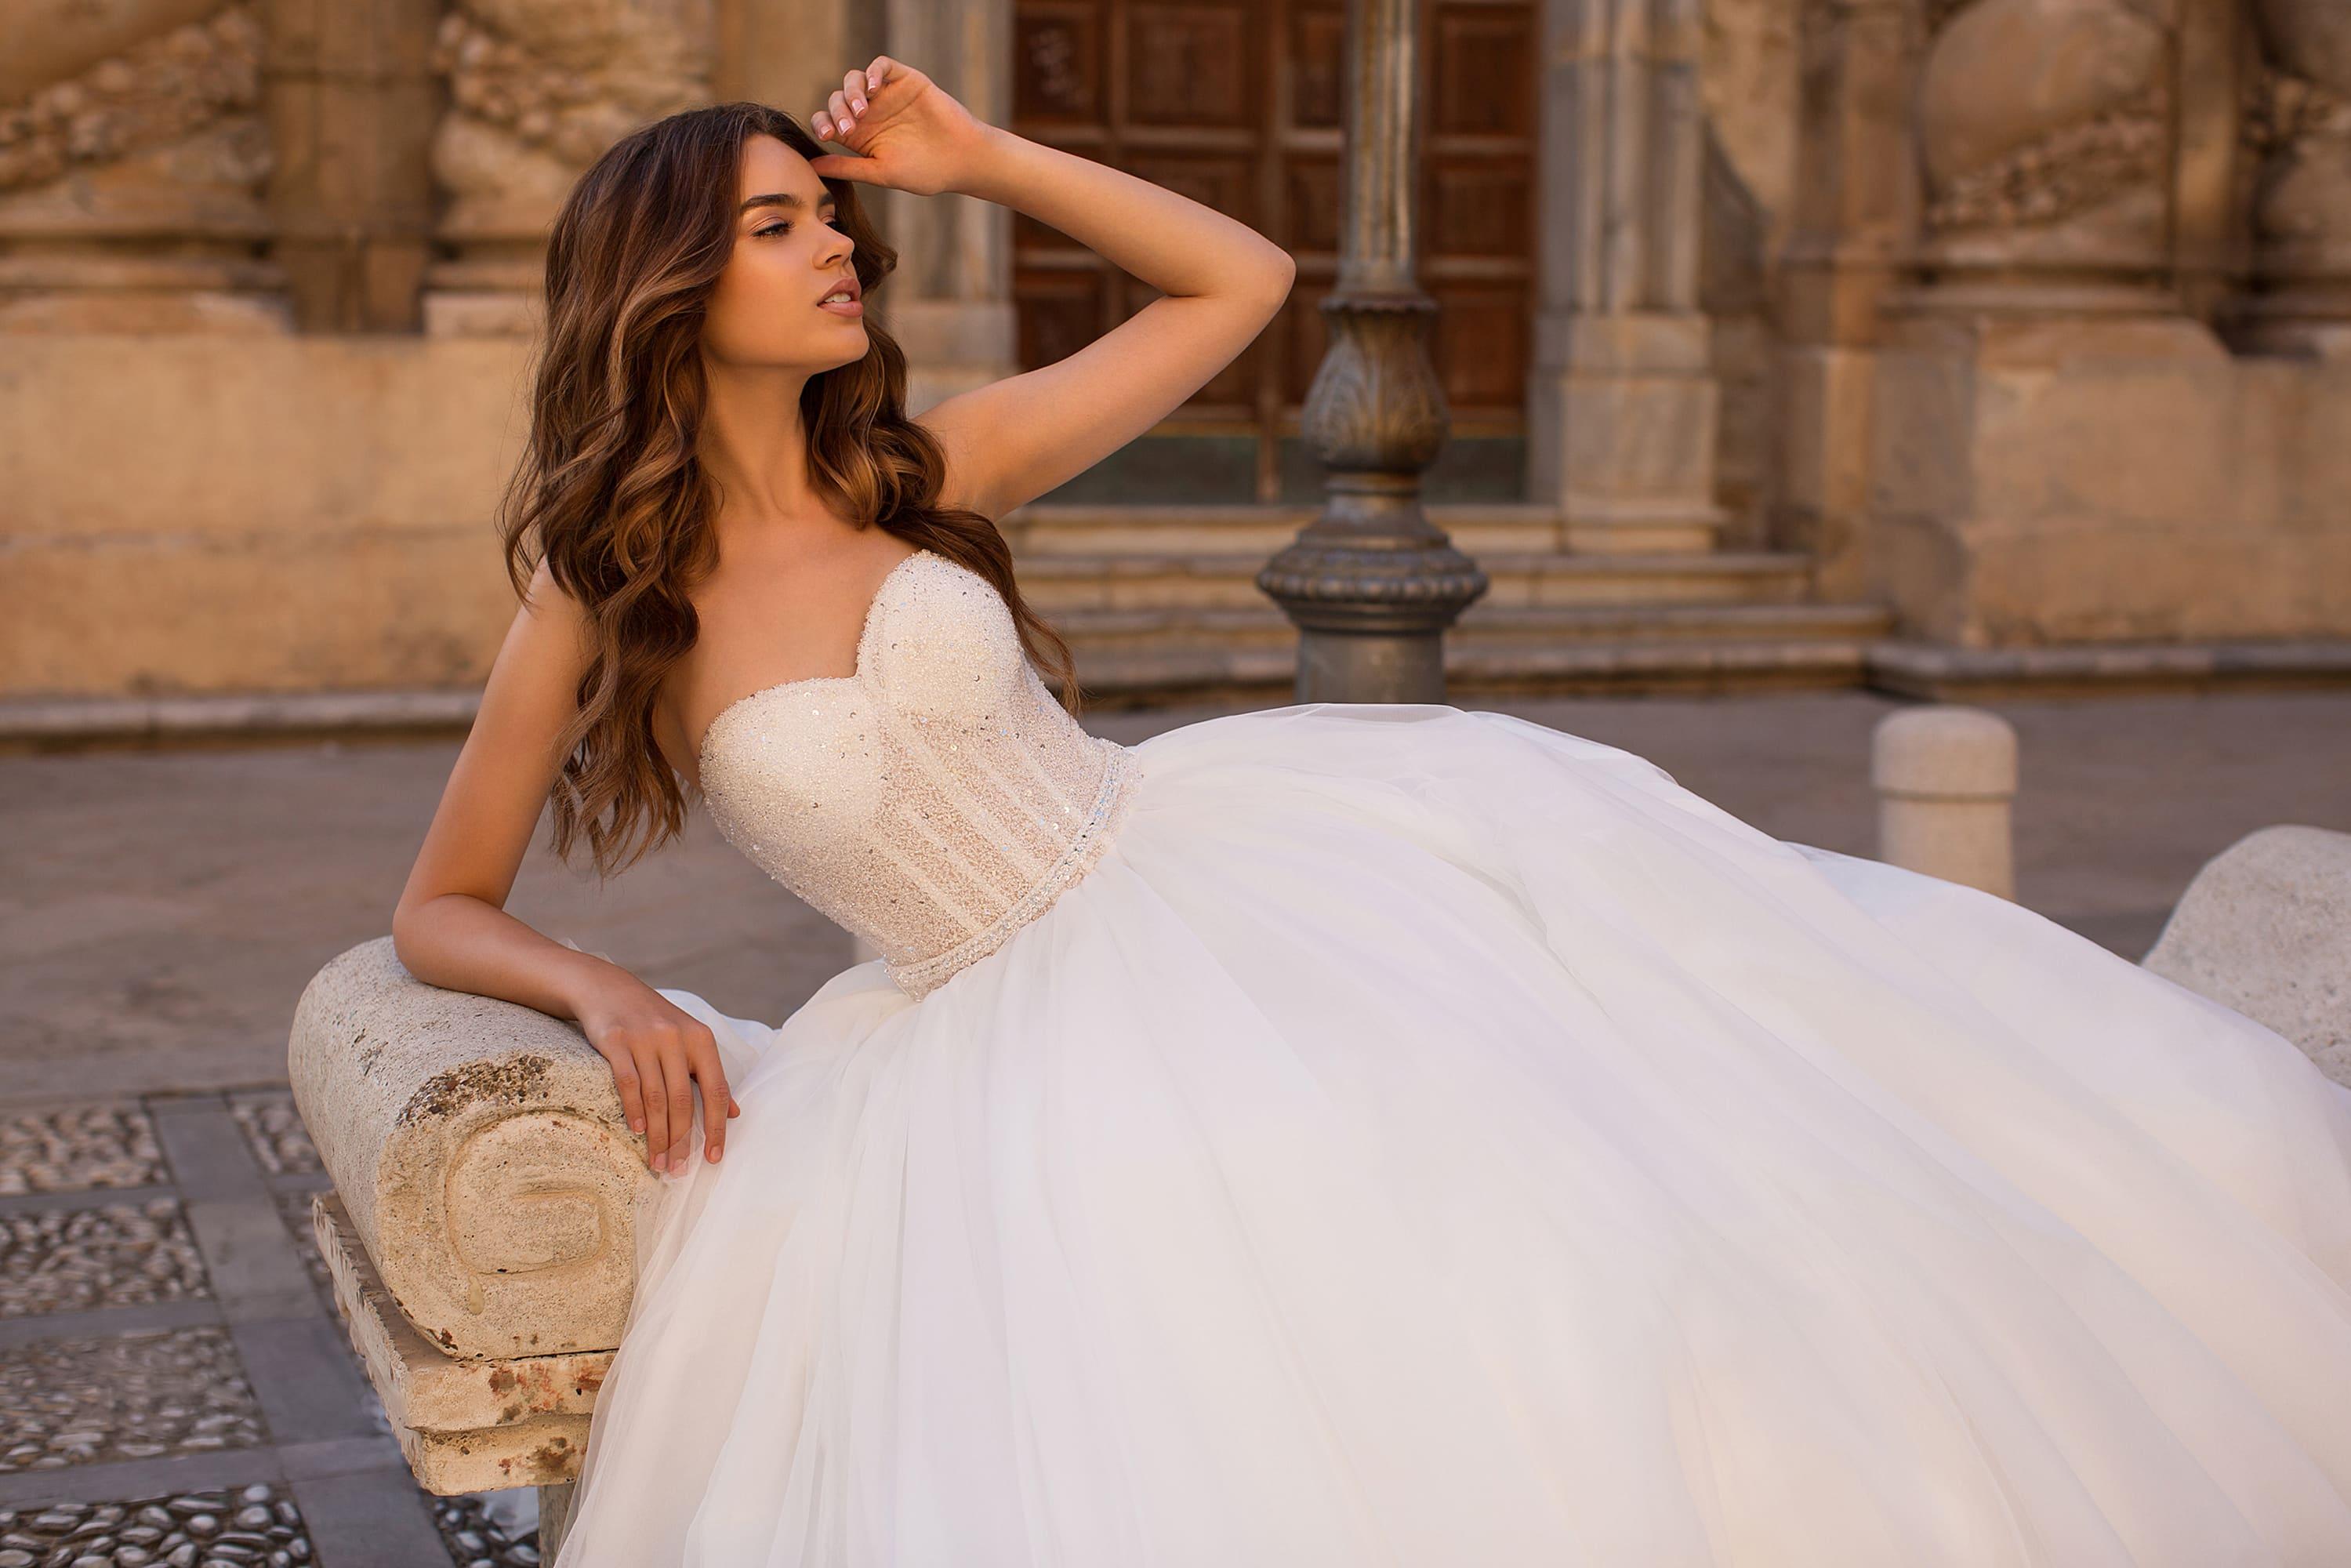 пышные свадебные платья фото 21